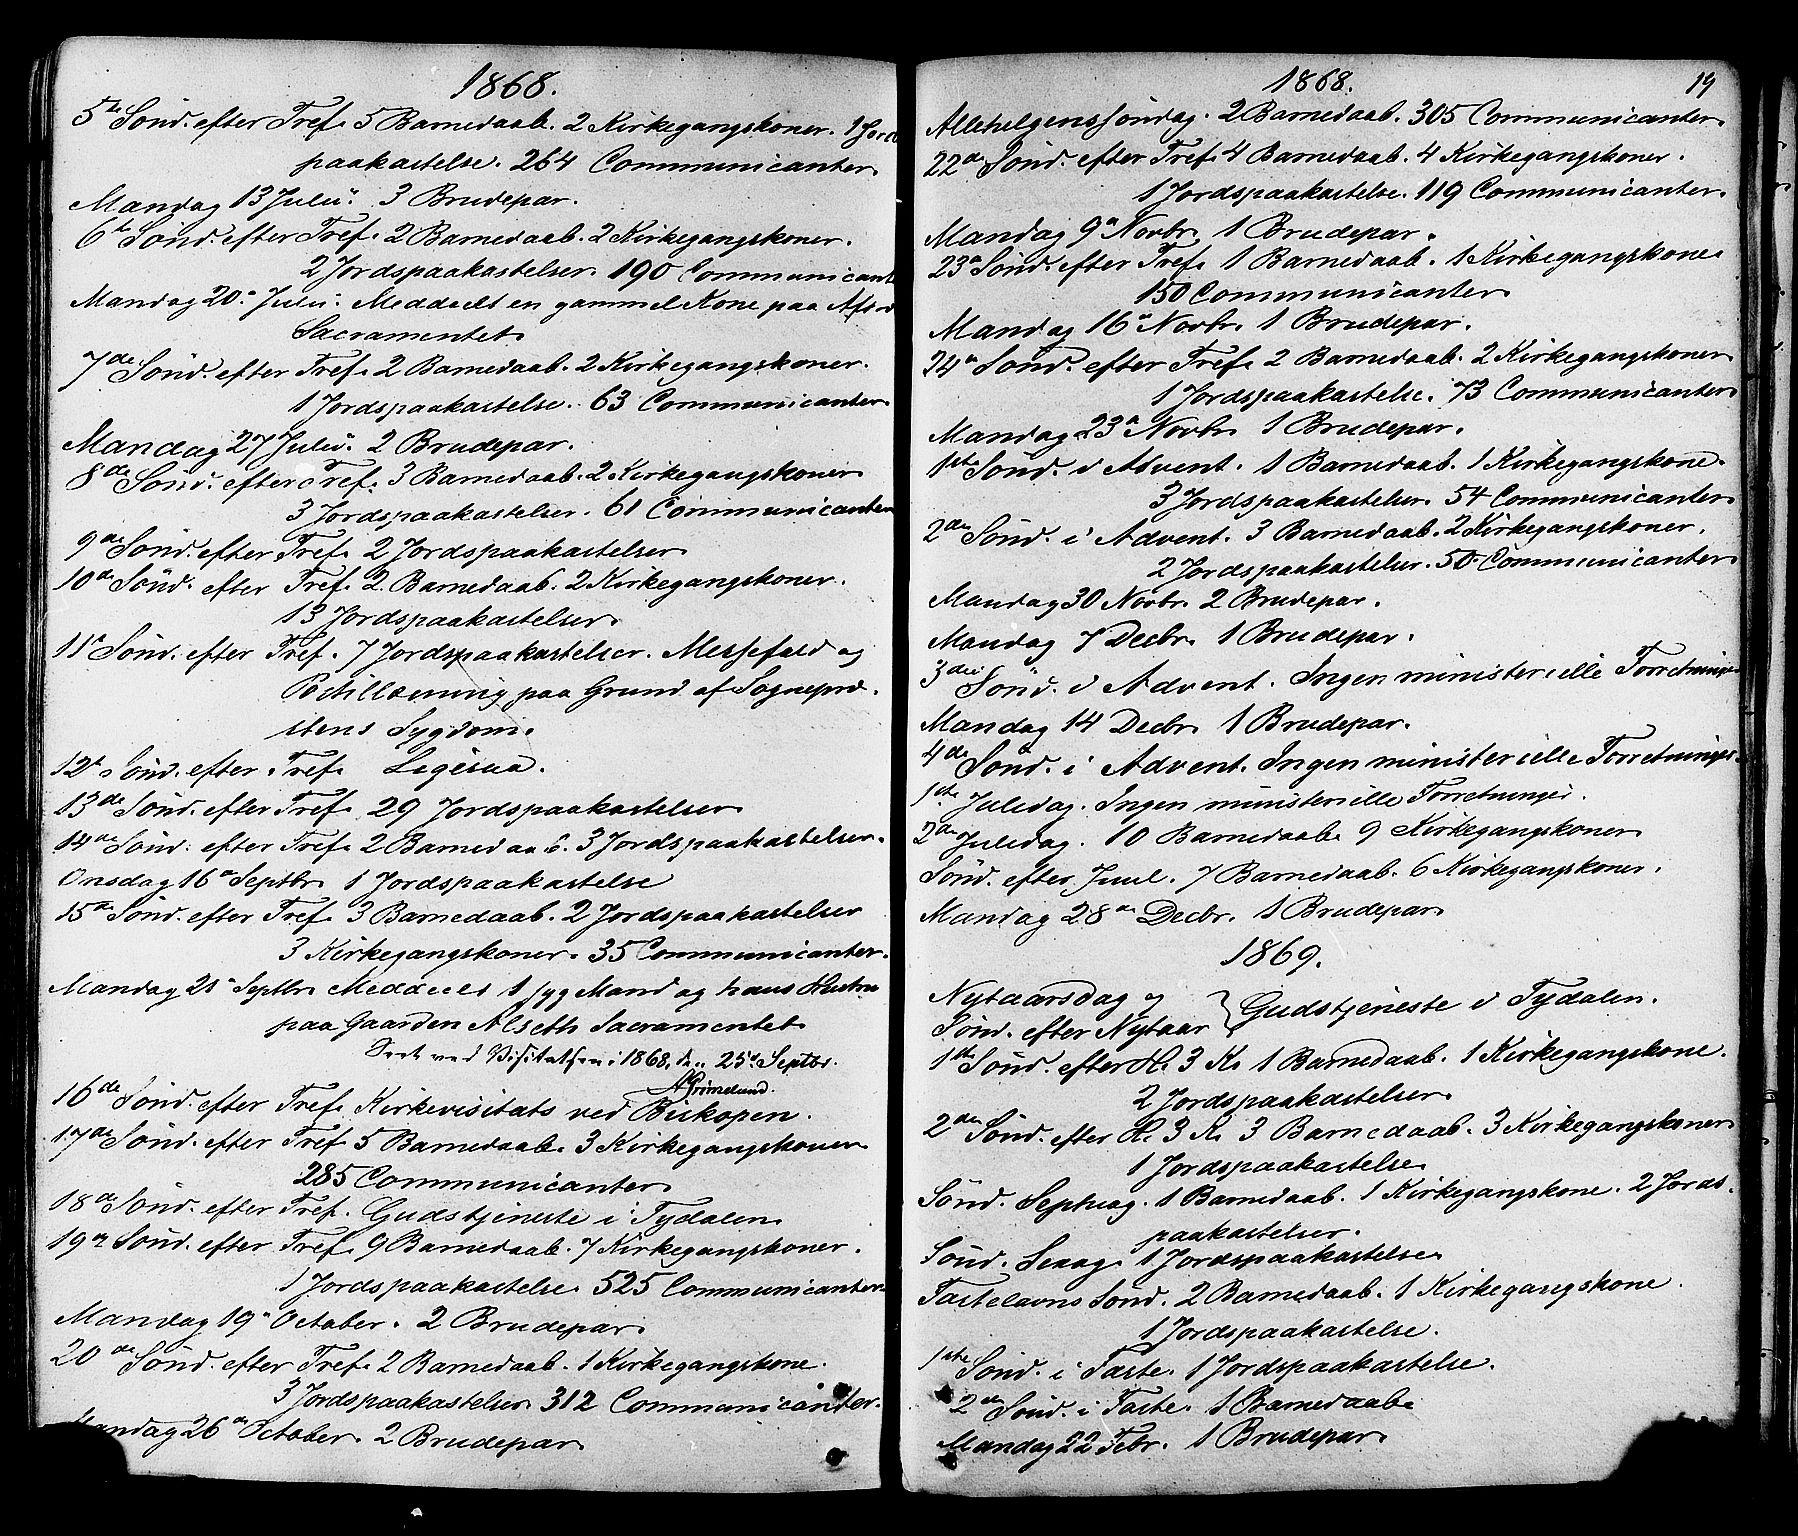 SAT, Ministerialprotokoller, klokkerbøker og fødselsregistre - Sør-Trøndelag, 695/L1147: Ministerialbok nr. 695A07, 1860-1877, s. 19